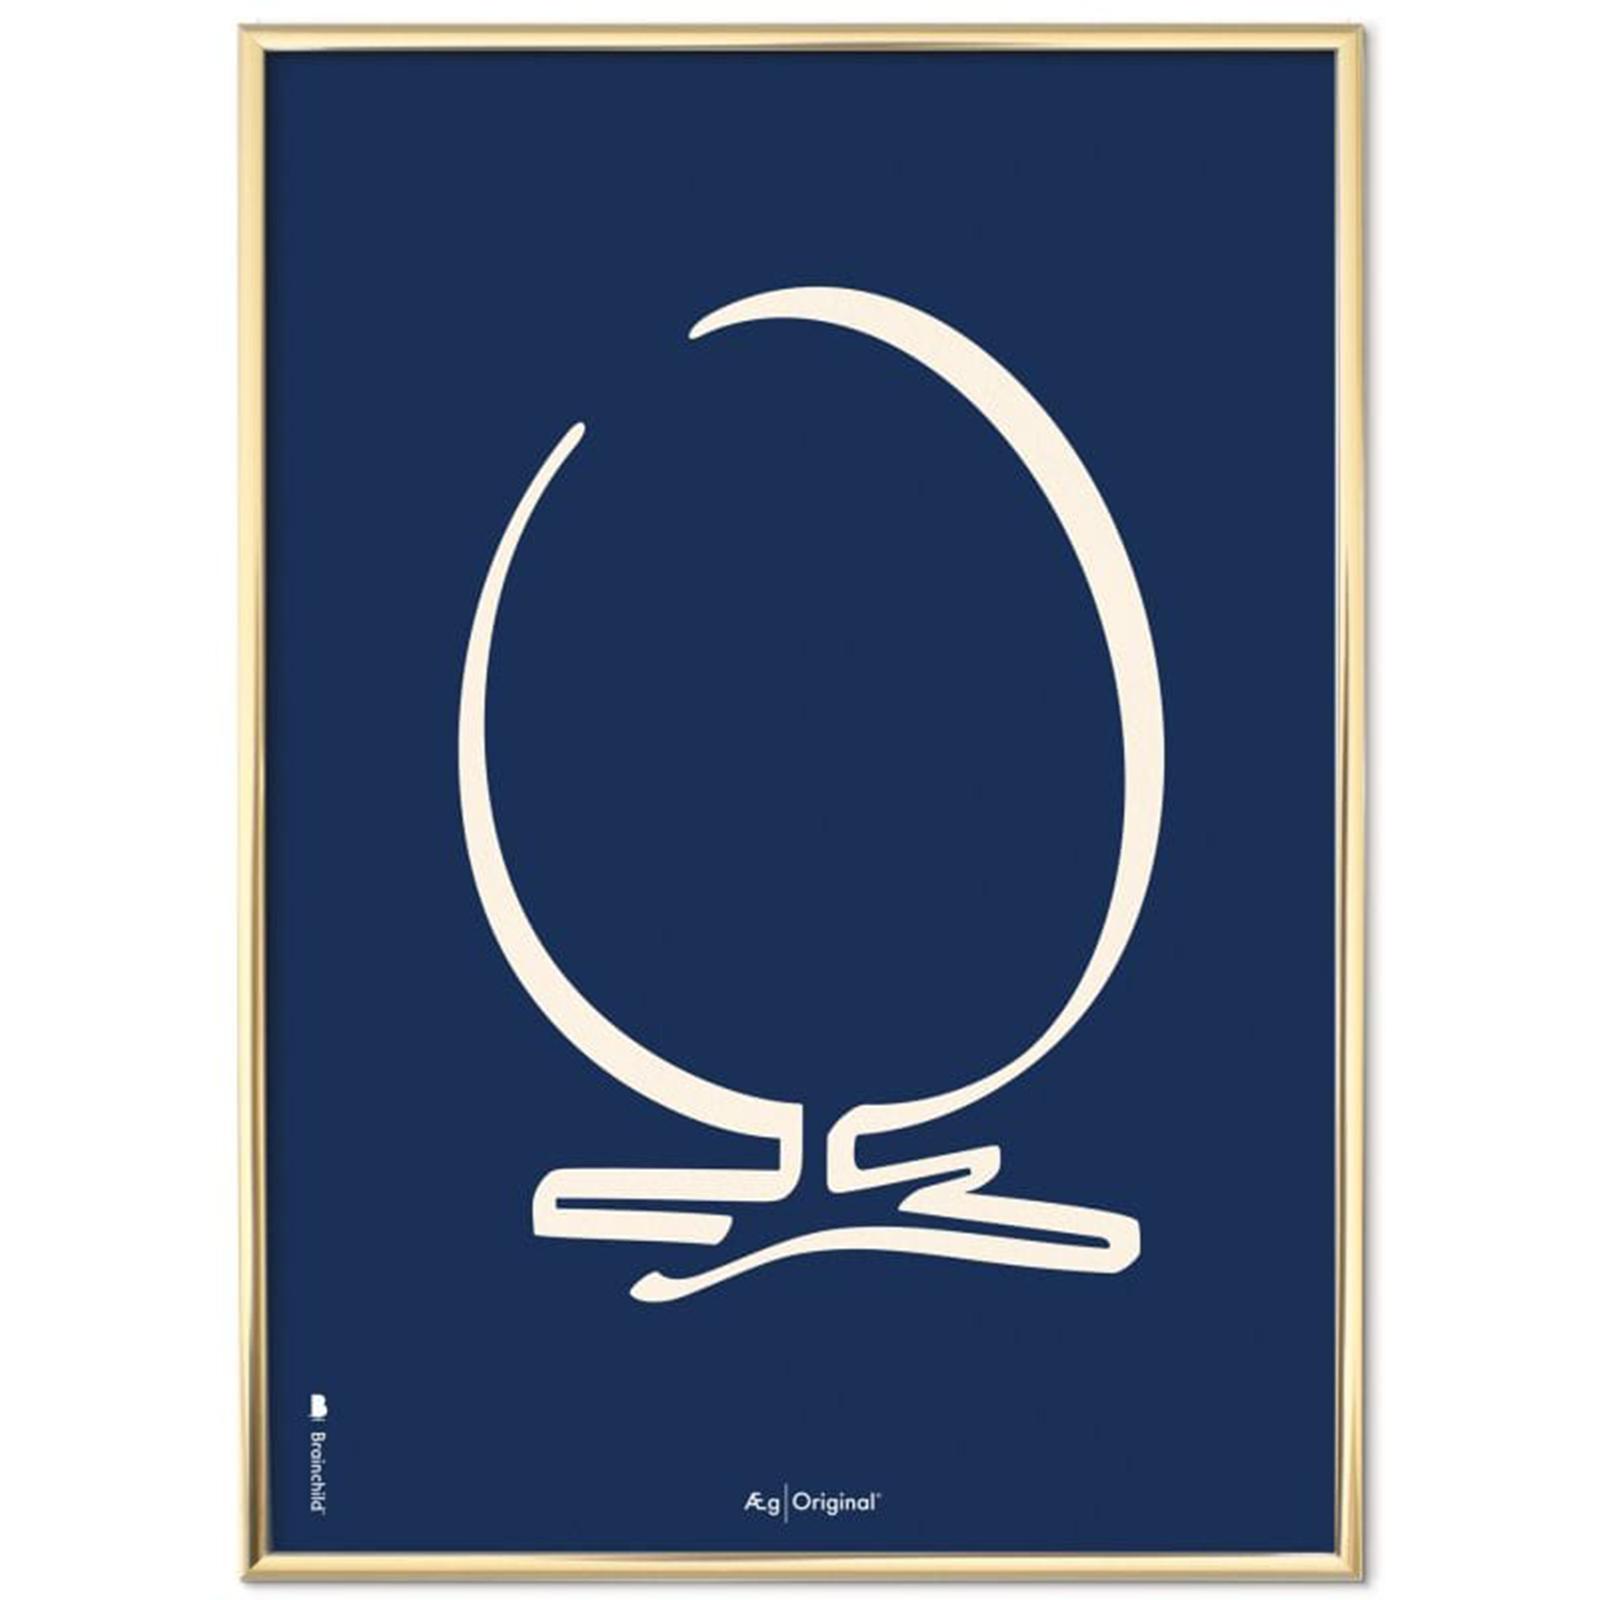 Billede af Brainchild - Plakat med Ægget - Streg - Blå Baggrund